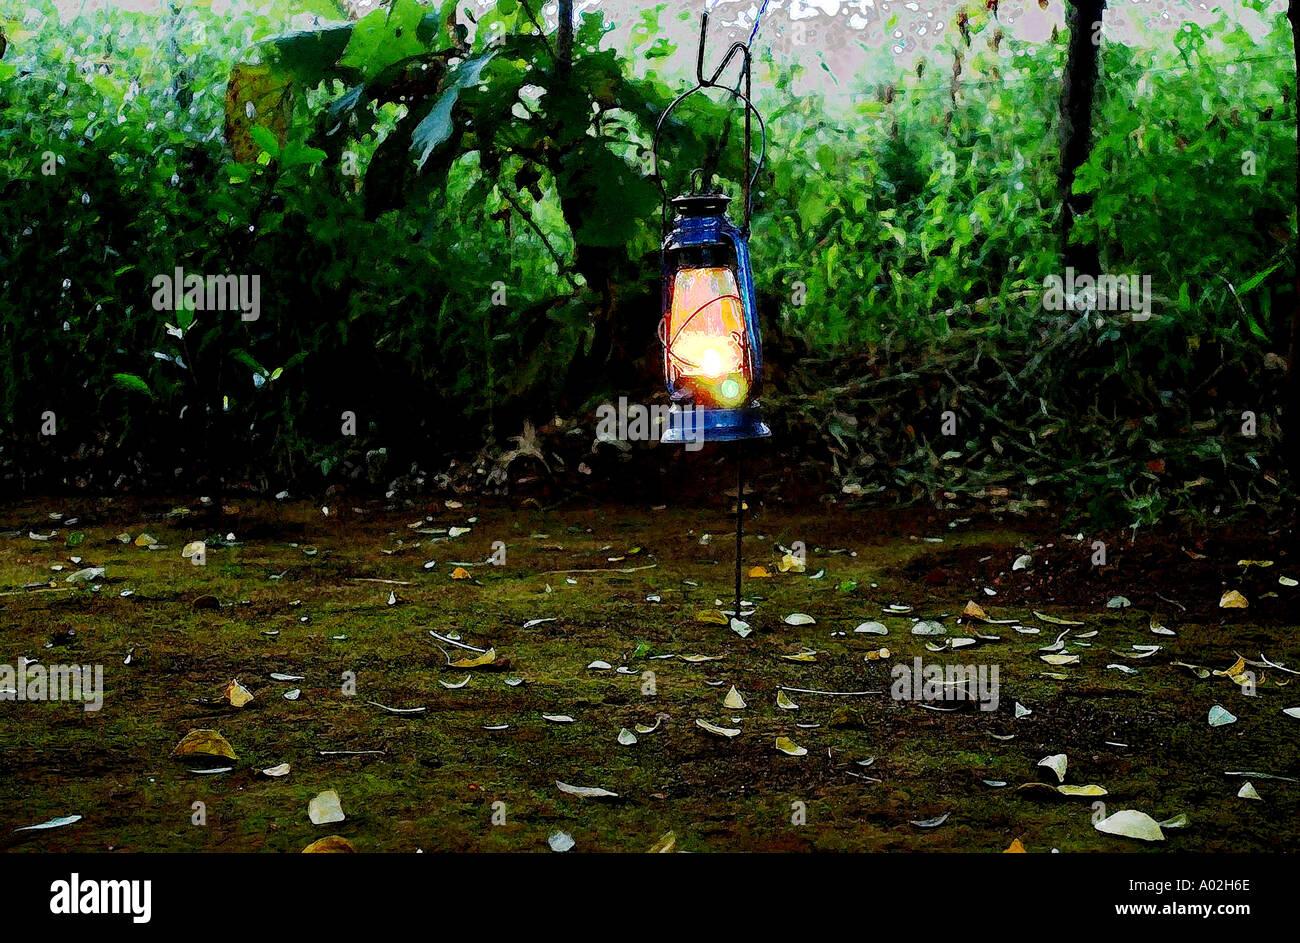 Kerosene light energy lamp in forest jungle retreat outing bombay mumbai india - Stock Image